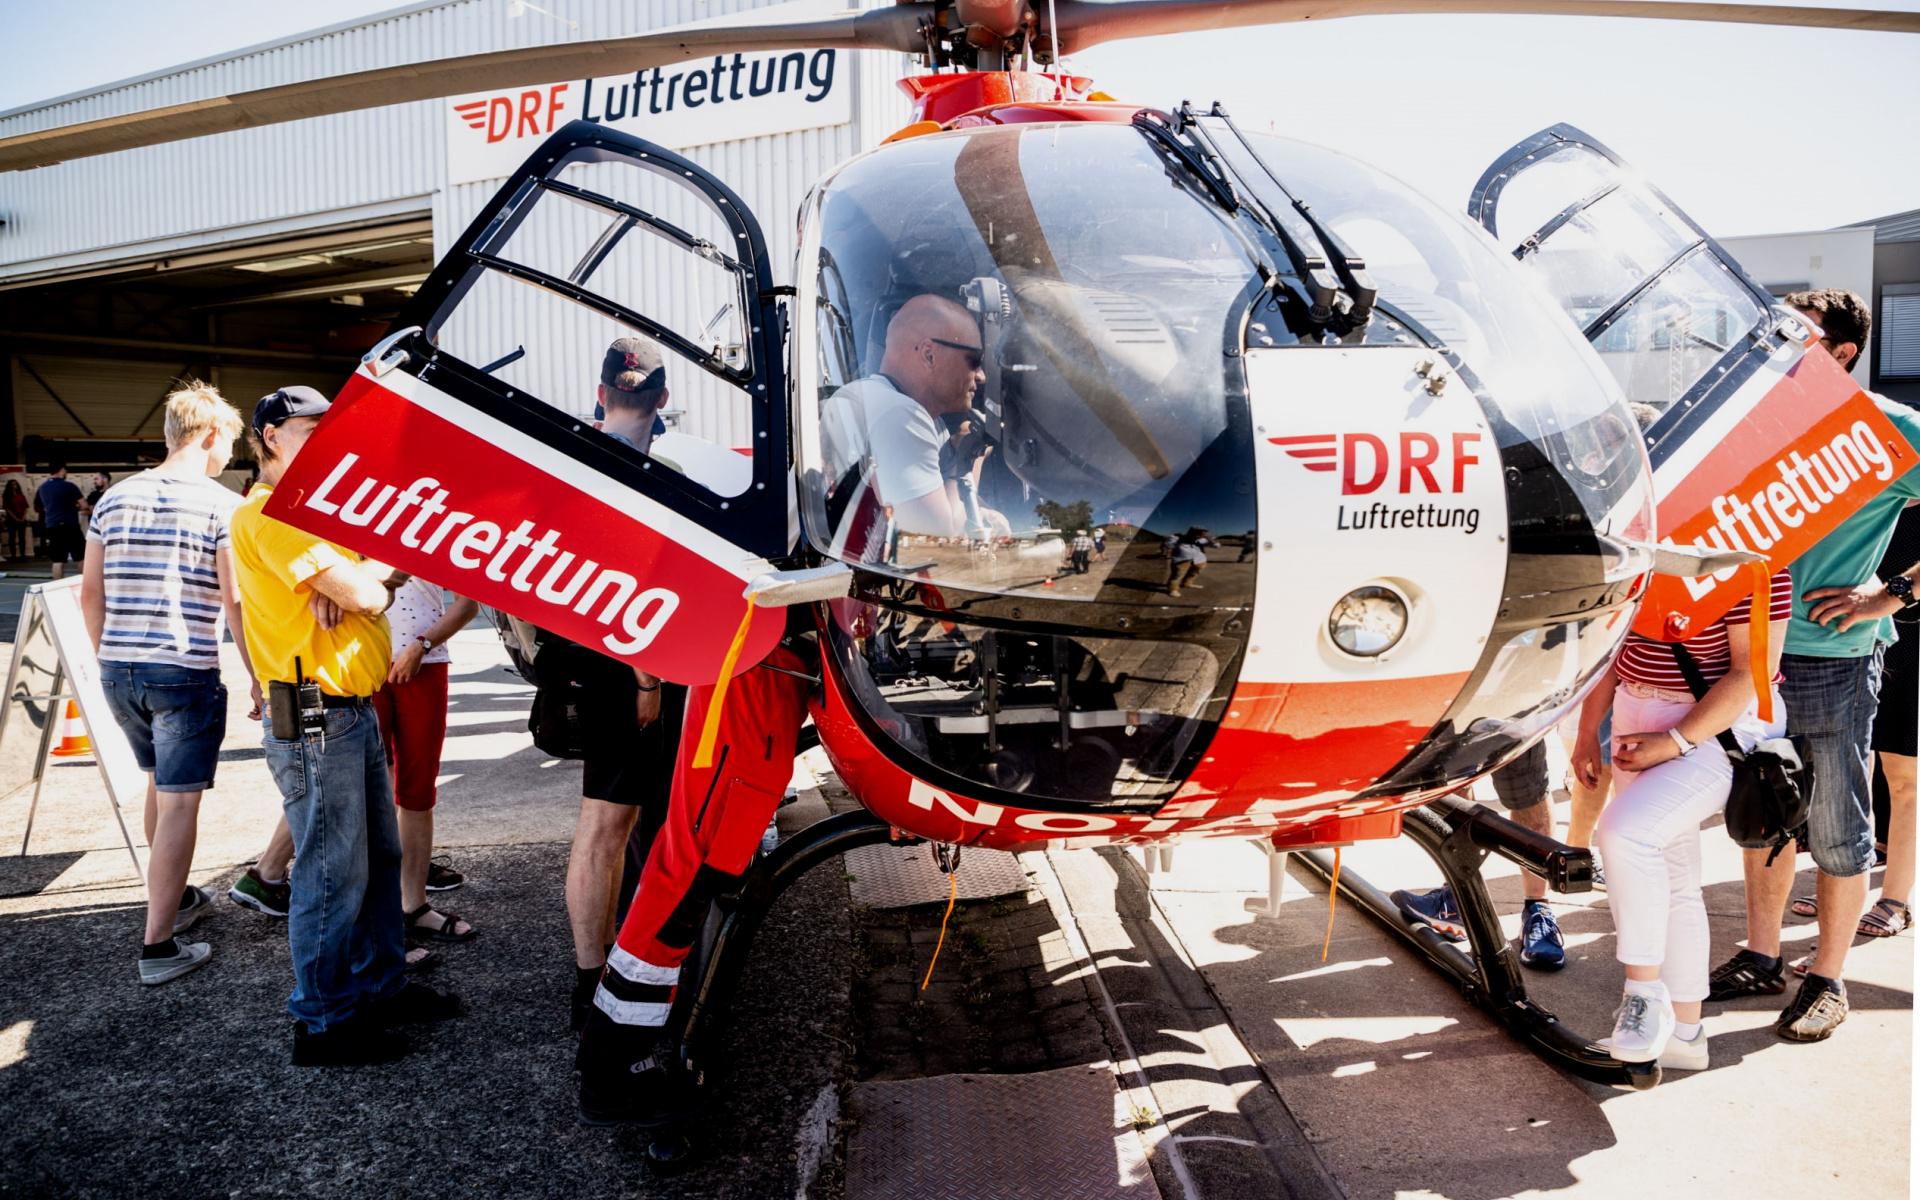 An jedem Fluggerät standen Mitarbeiter der DRF Luftrettung bereit, um Besuchern die hochmoderne Ausrüstung und das Einsätzspektrum der Maschinen zu erläutern. Hier eine H 135.